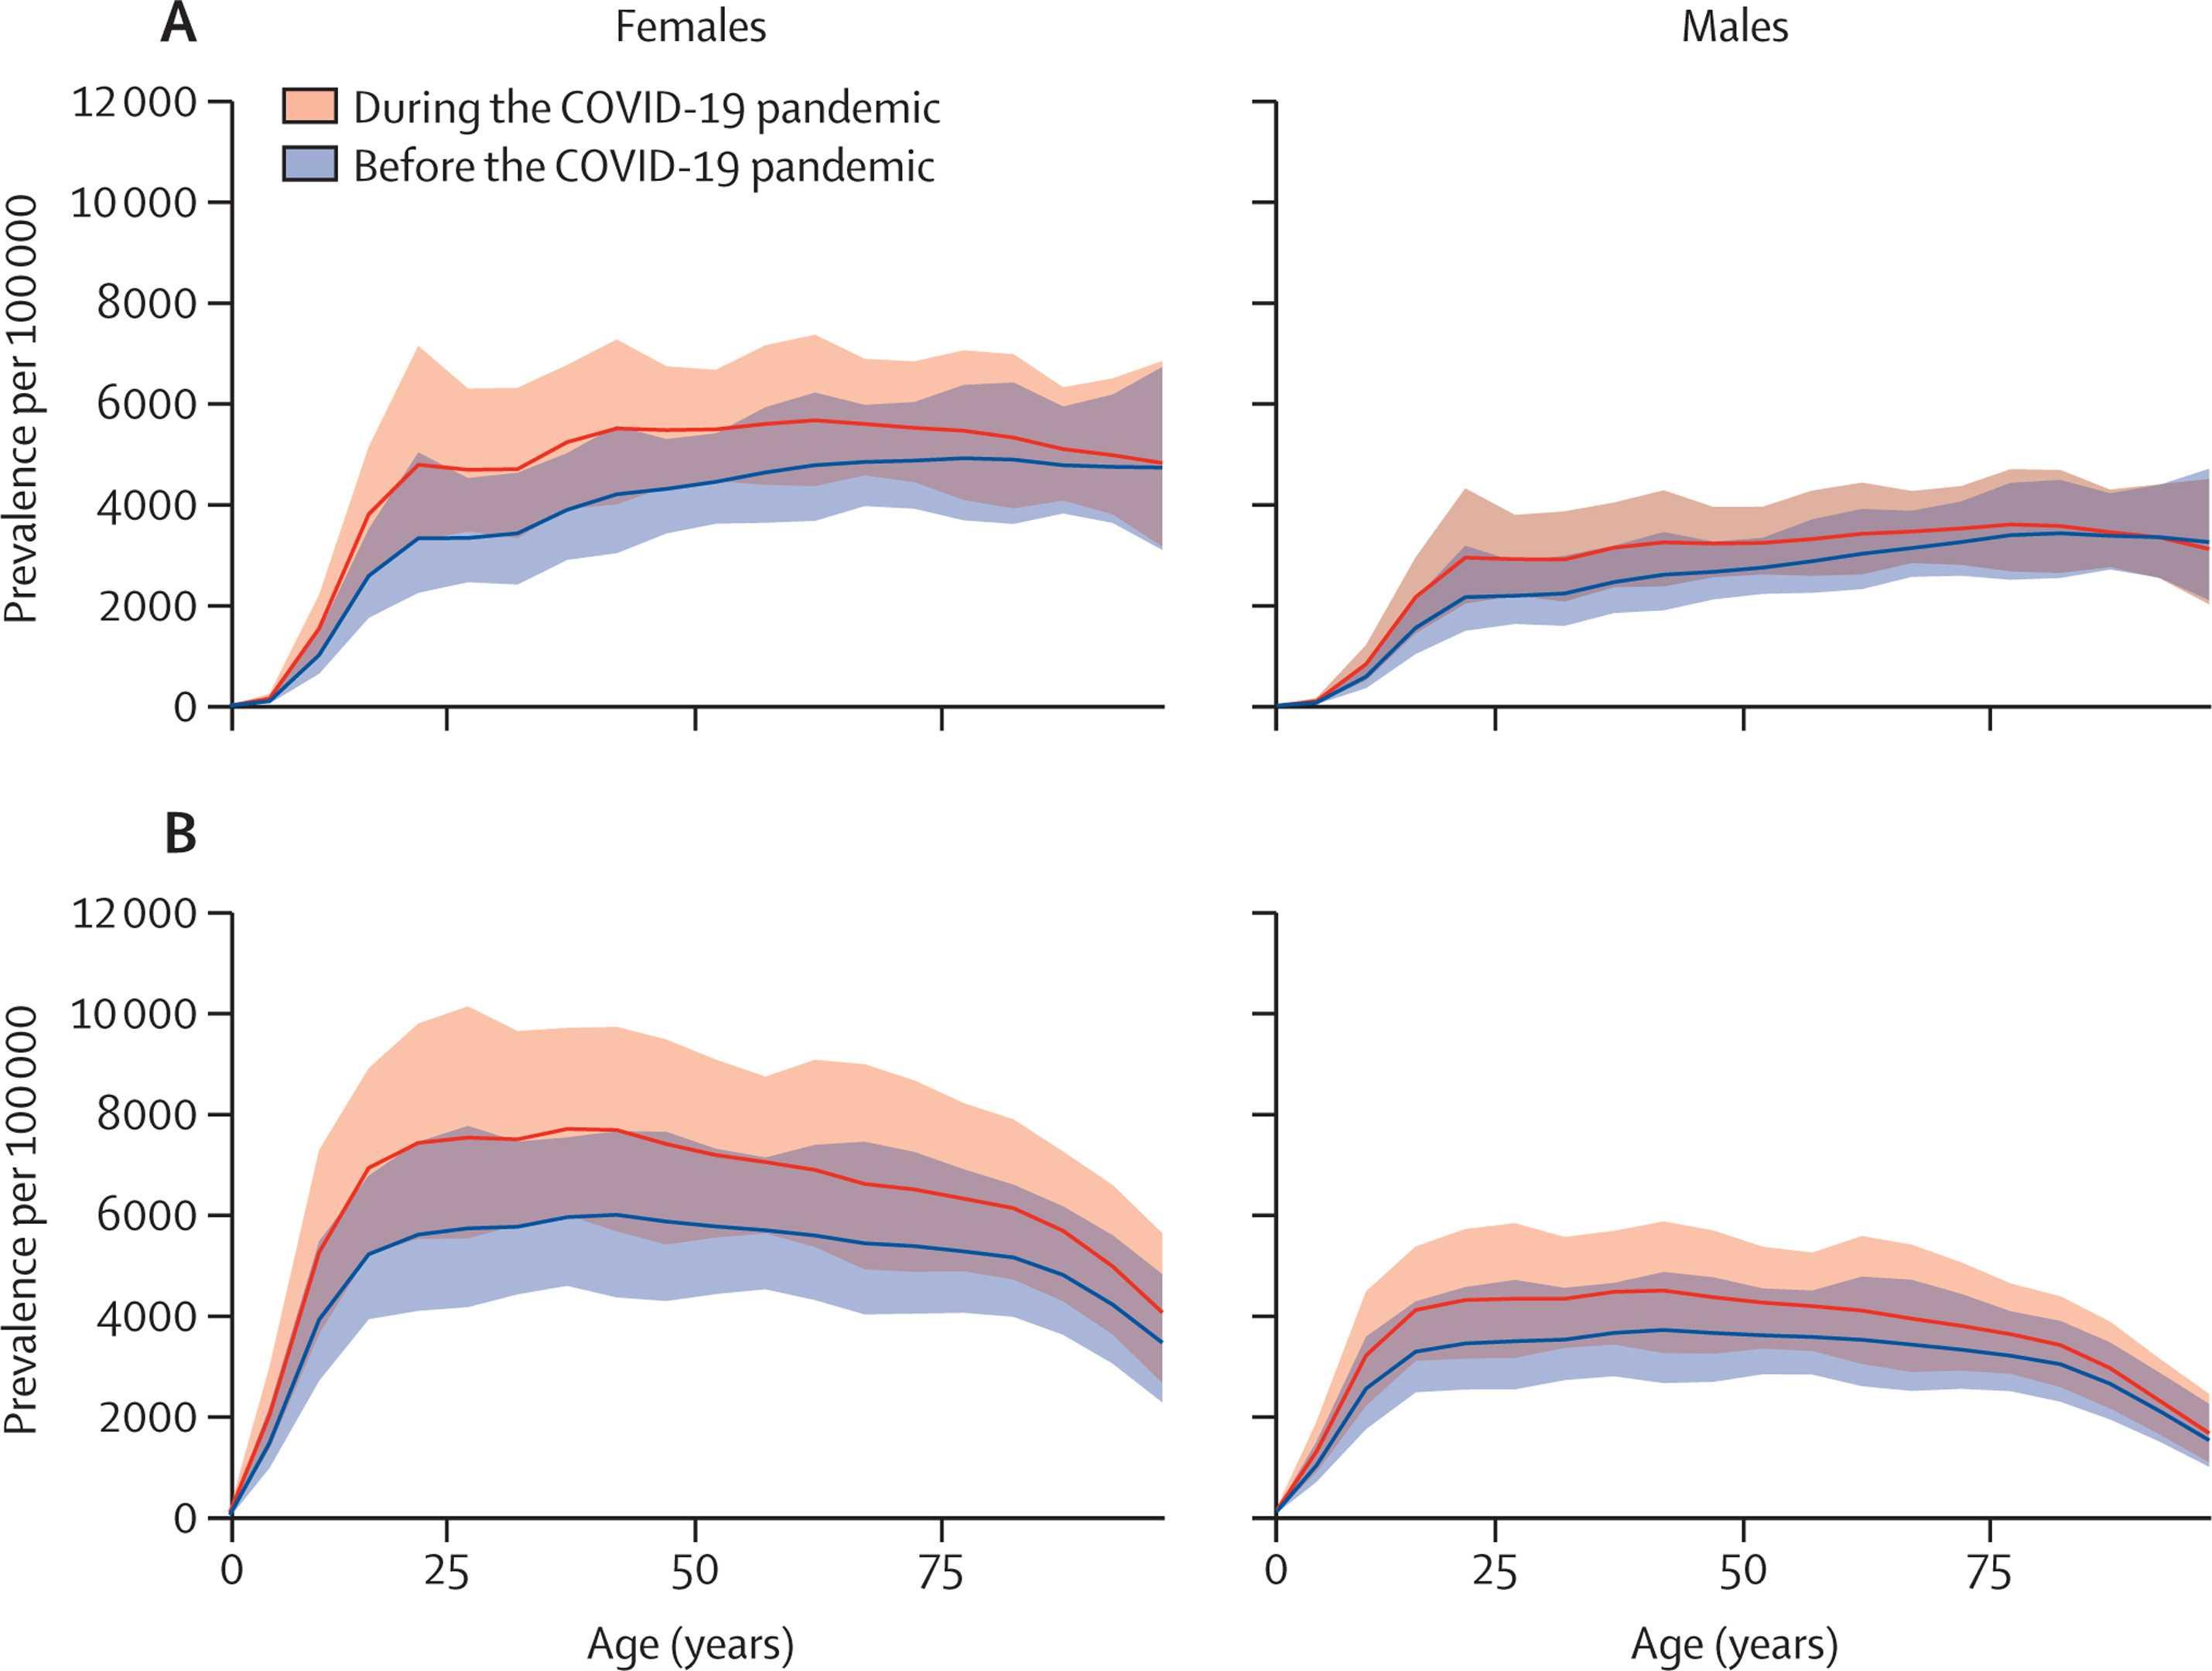 COVID-19 и психическое здоровье: больше депрессии и тревоги в масштабах планеты